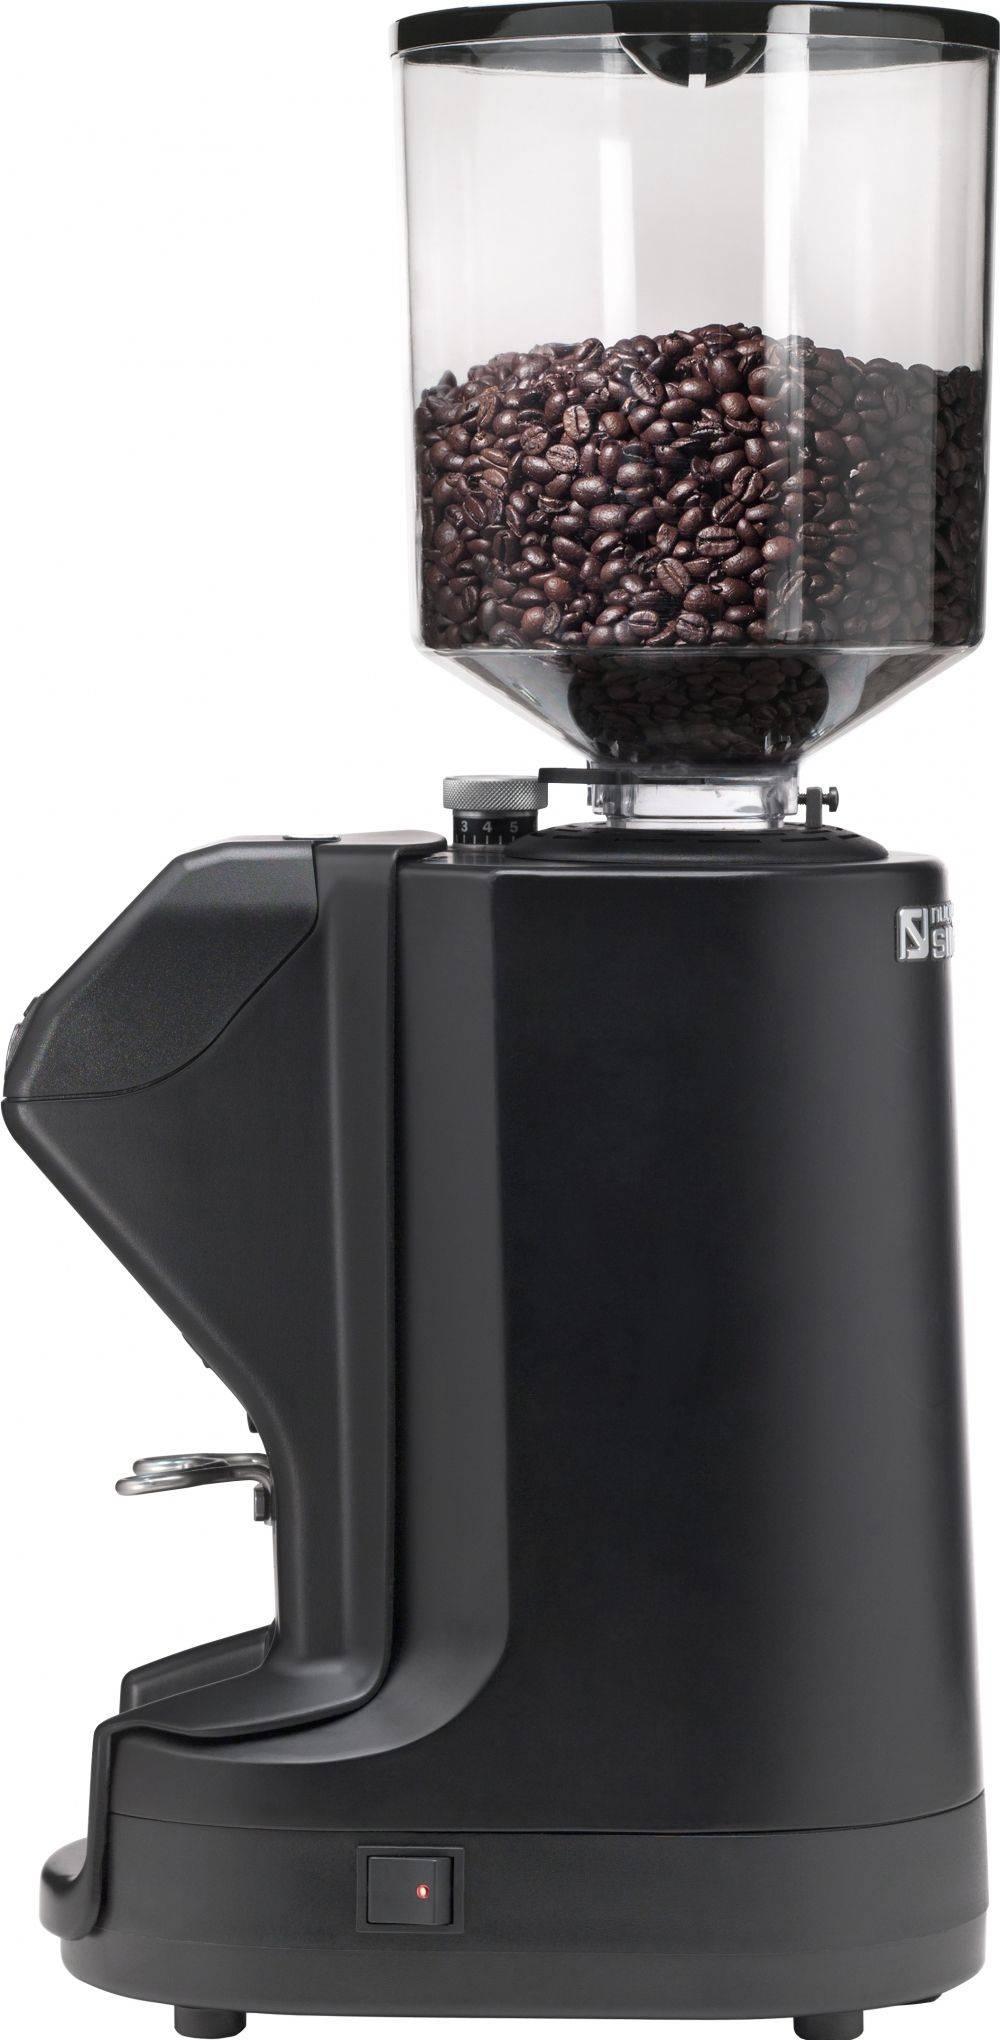 Кофемолка nuova simonelli - модели mcf, mde, mdx